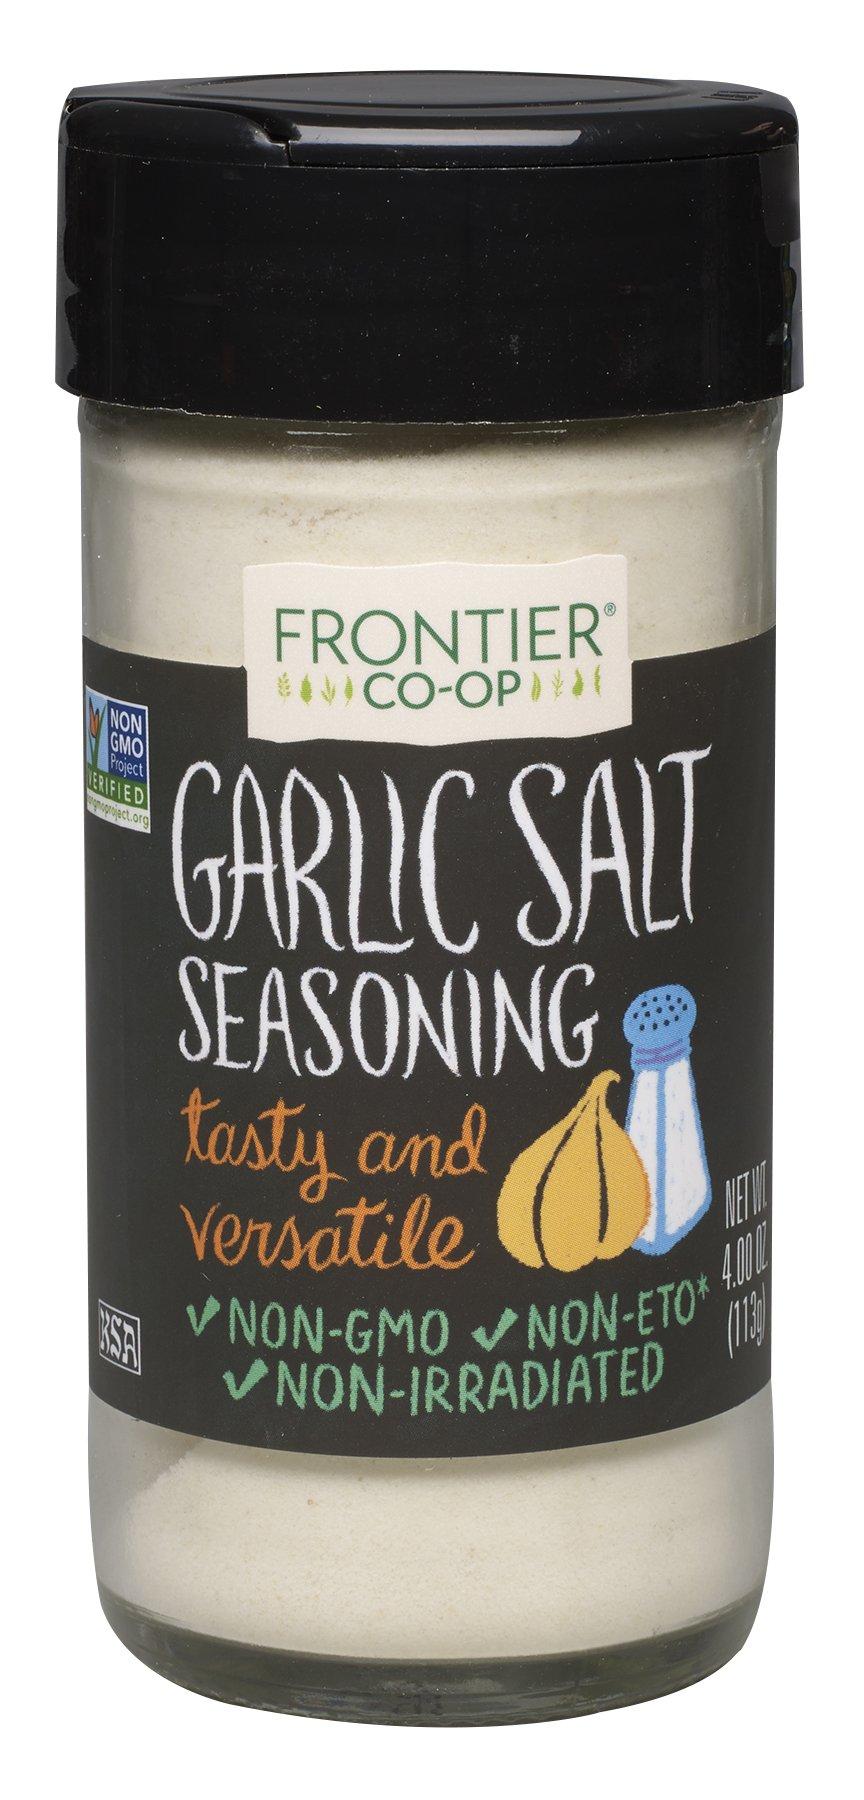 Frontier Garlic Salt, 4-Ounce Bottles (Pack of 3)